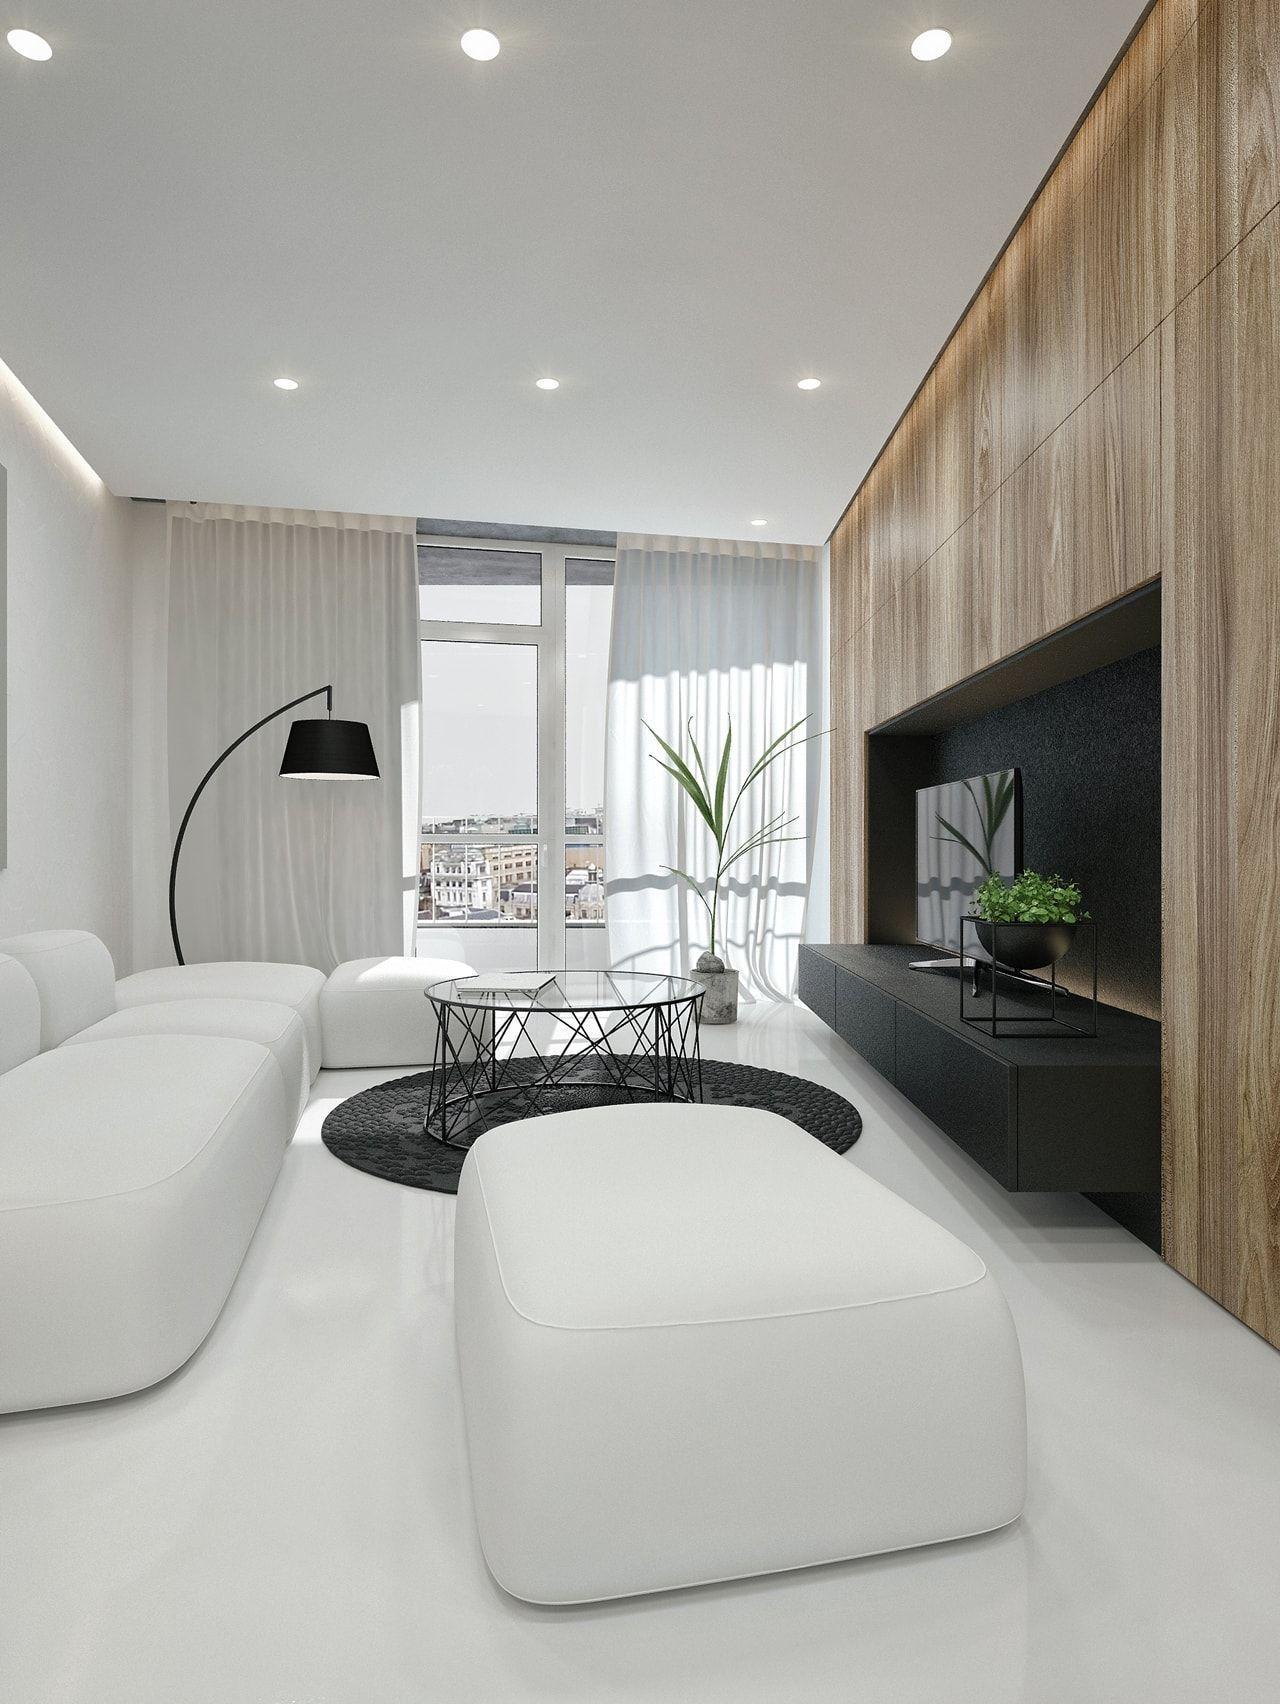 Great Artistic Black And White Modern Living Room Ideas Modern White Living Room White Interior Design Condo Interior